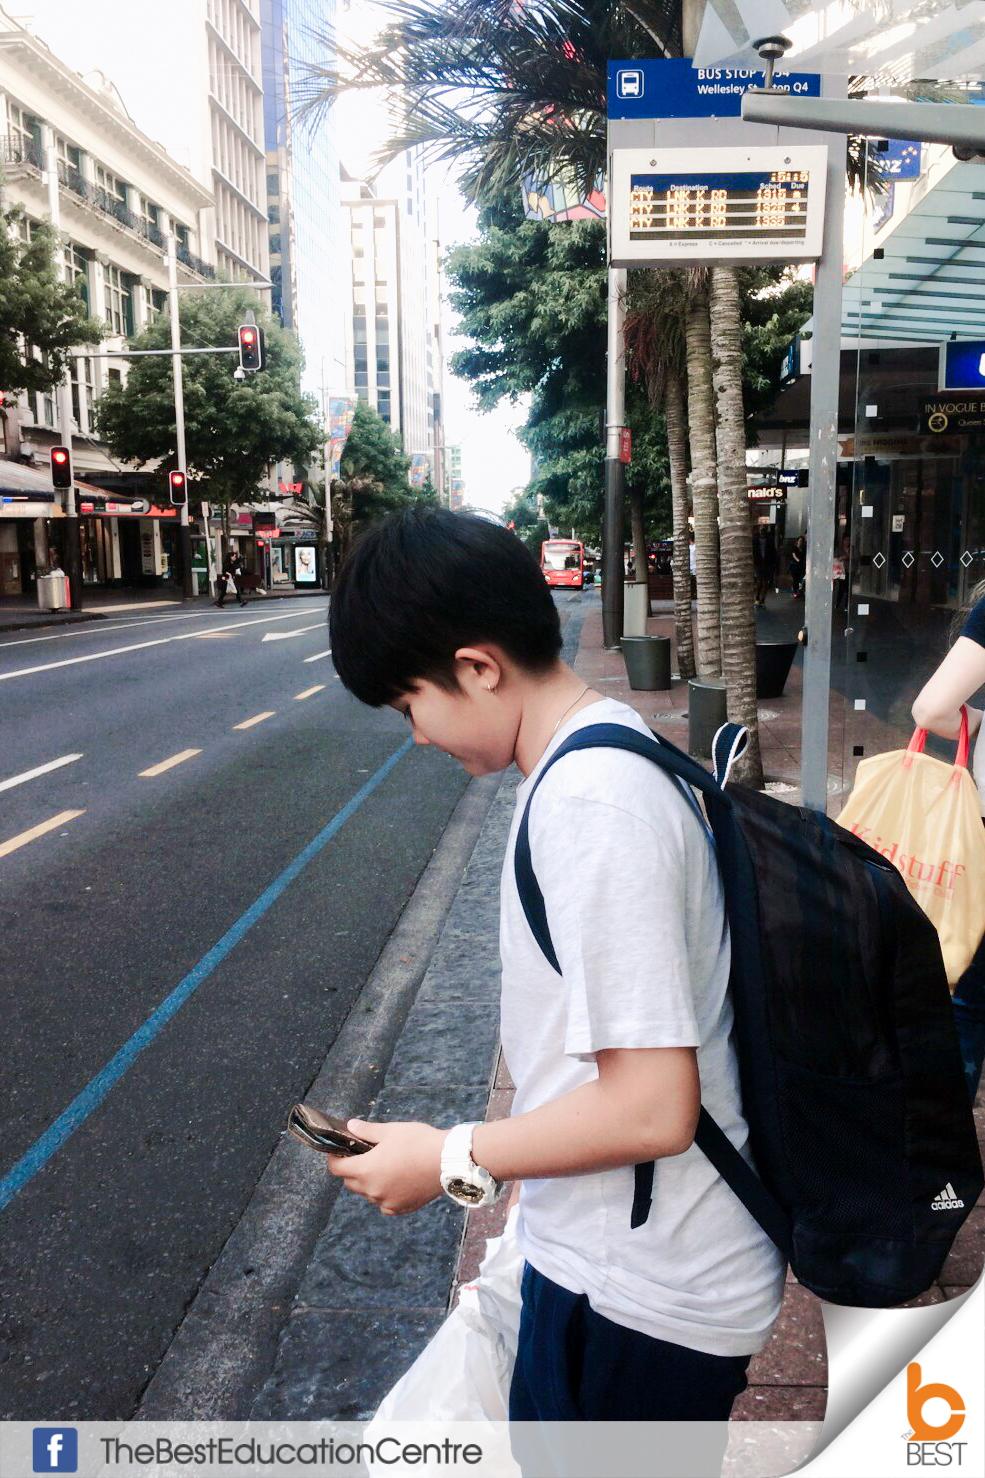 น้องดรีม เรียนต่อนิวซีแลนด์ ท่องเที่ยว เดอะเบสท์ New Zealand Auckland โอ๊คแลนด์ วีซ่านิวซีแลนด์ ชีวิตเด็กนอก เที่ยวโอ๊คแลนด์ เรียนต่อต่างประเทศ